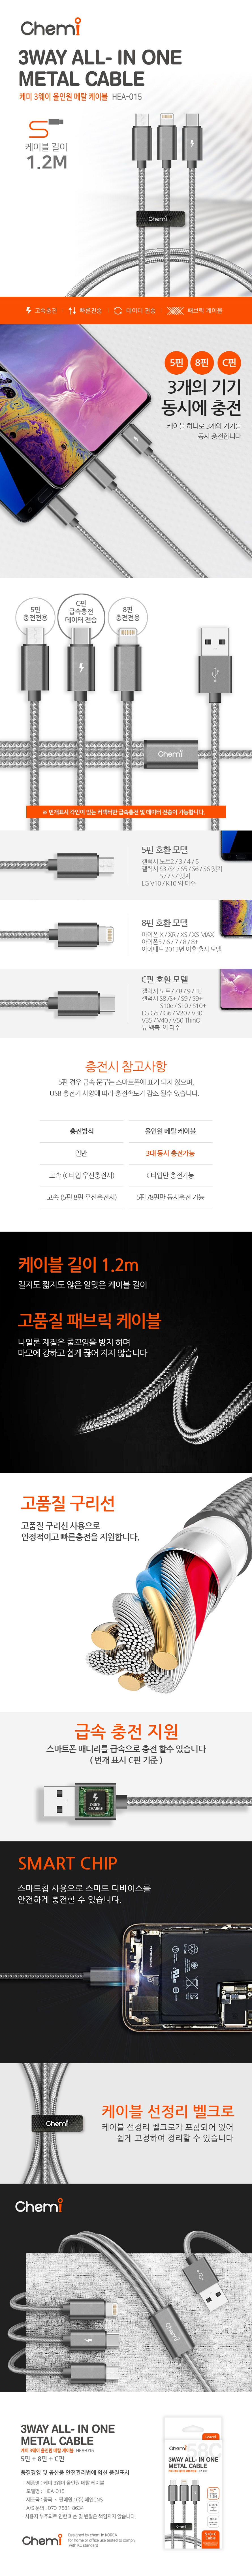 해인씨앤에스 HEA-015 Chemi 3WAY 올인원 메탈 케이블 (1.2m)